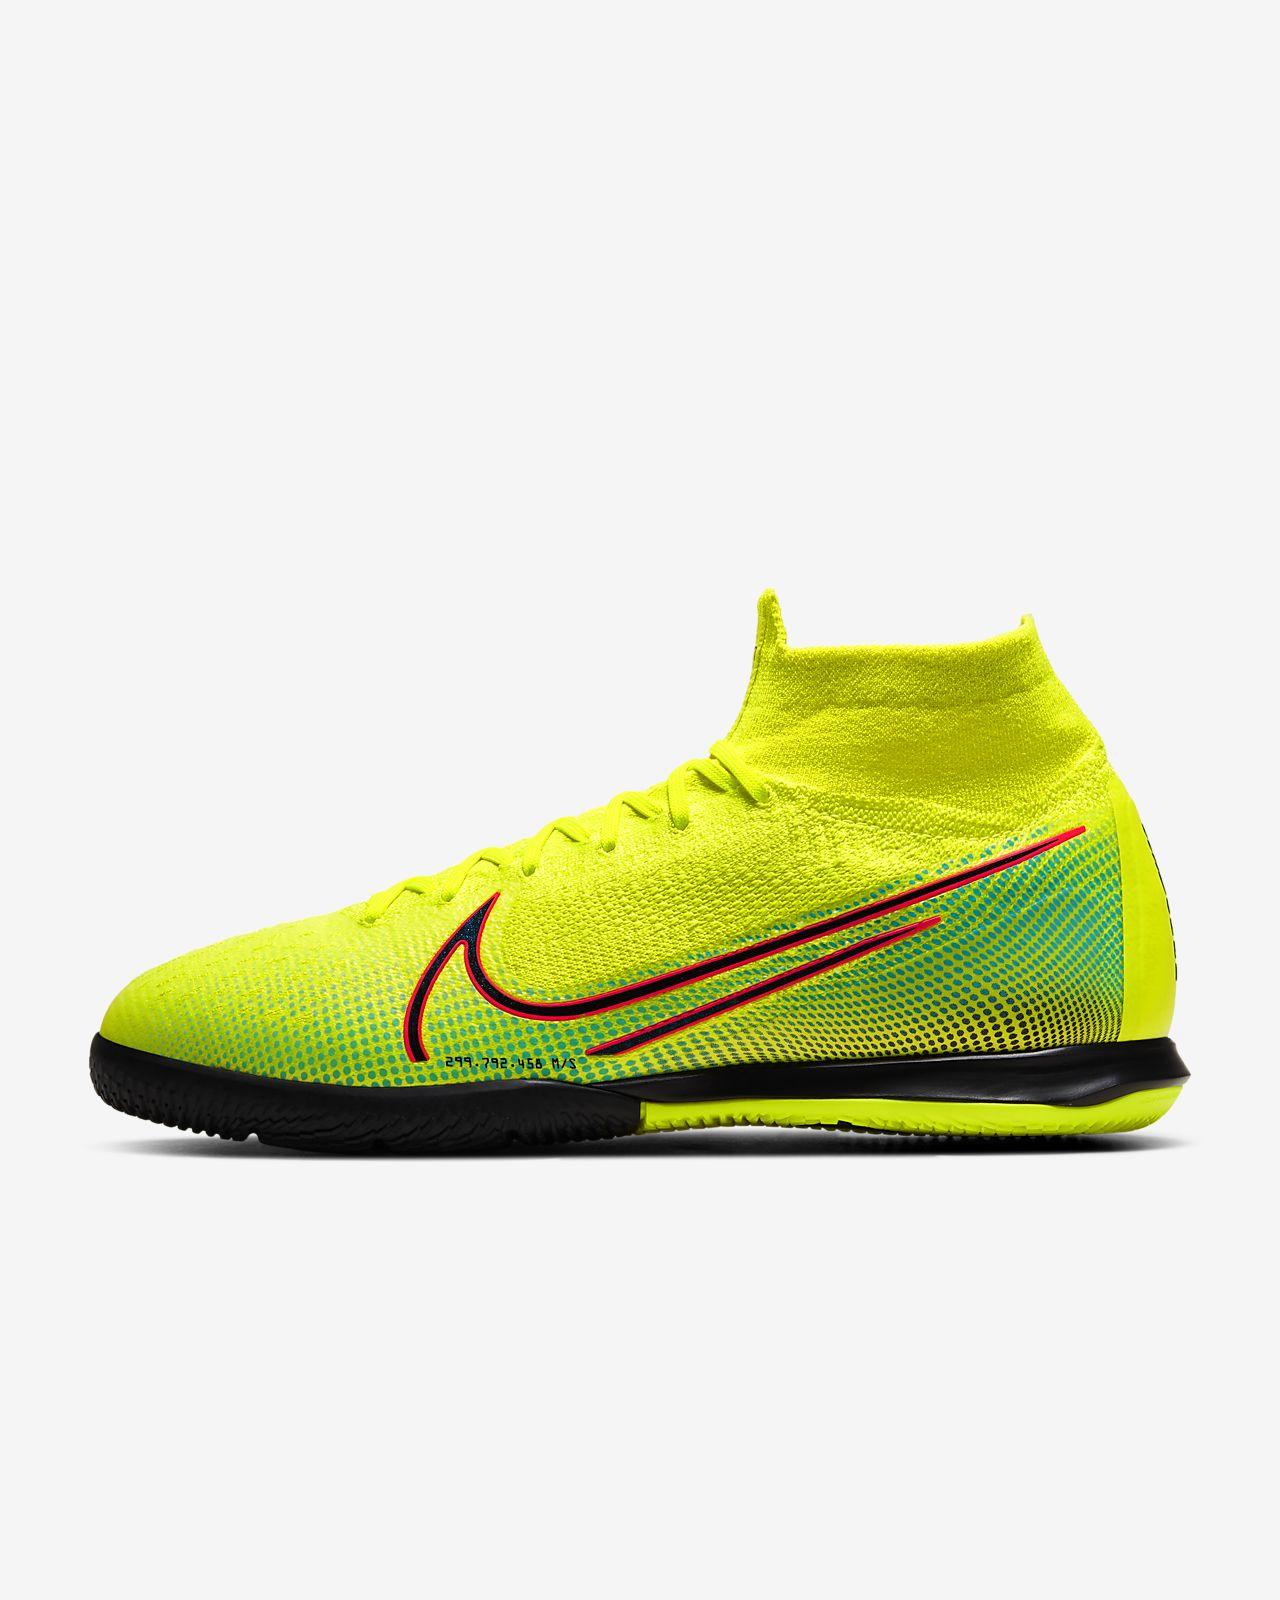 Nike Mercurial Superfly 7 Elite MDS IC fodboldsko til indendørs